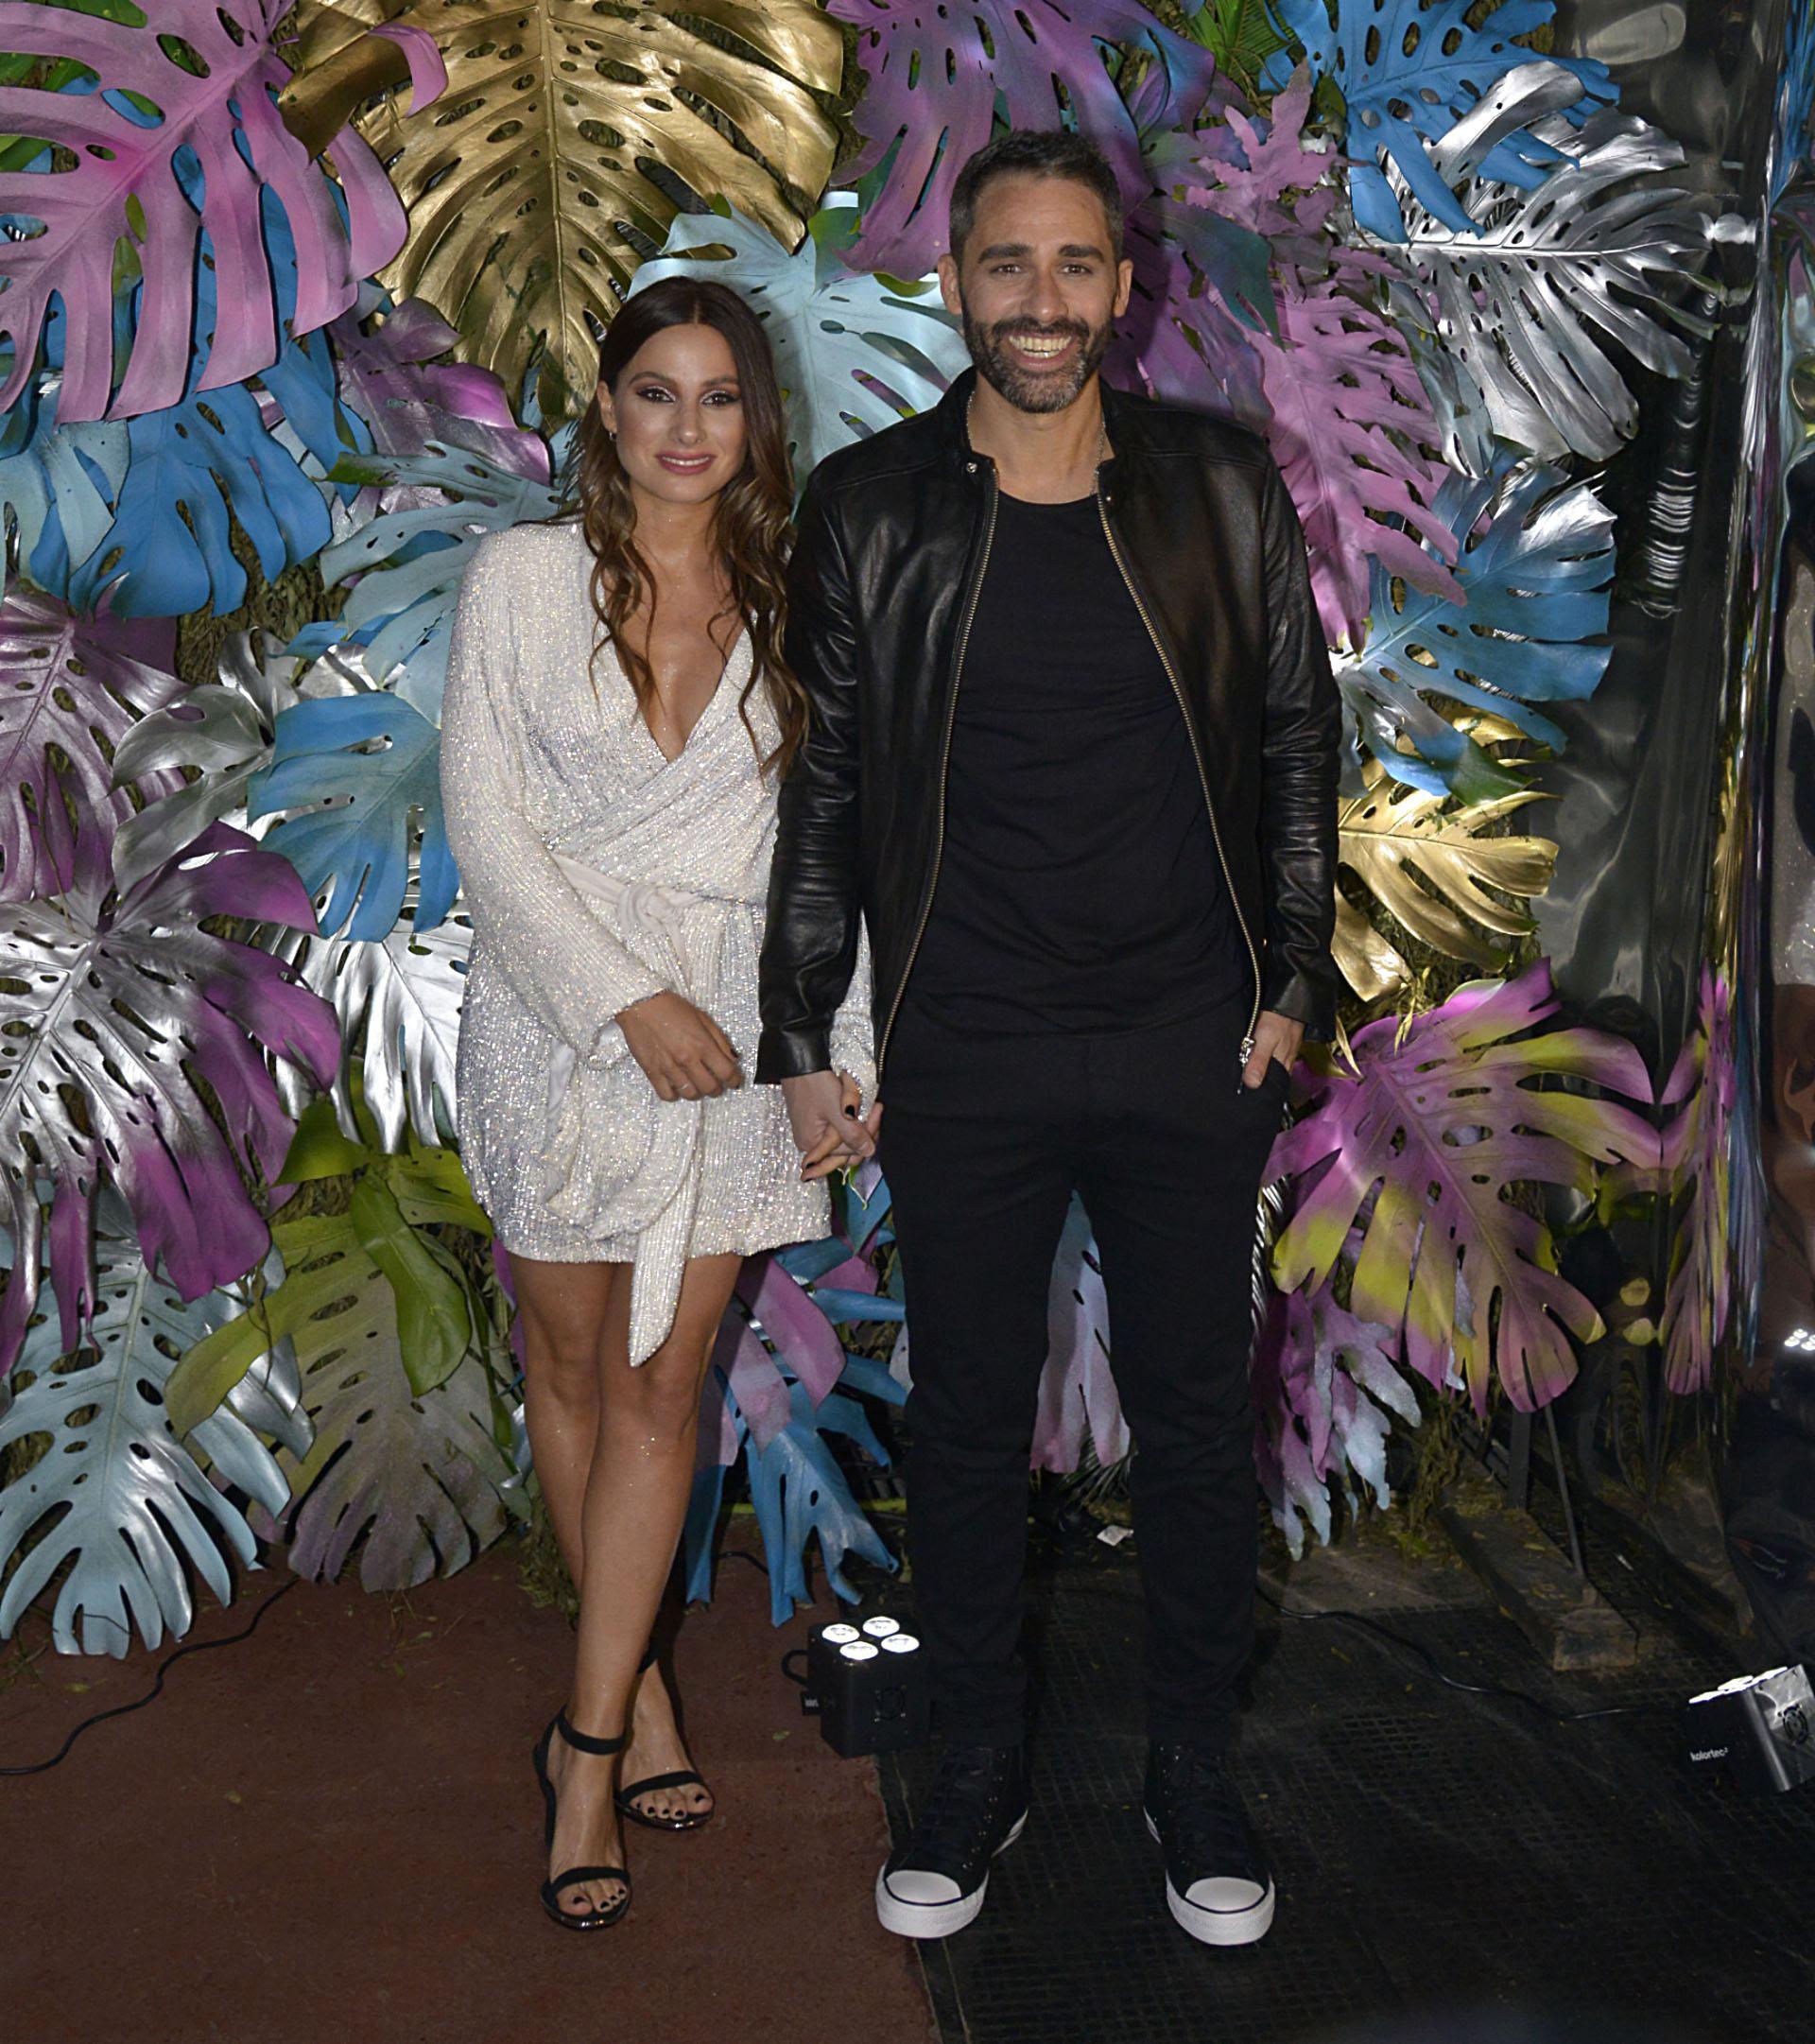 El Pollo Álvarez y Tefi Russo pasaron por el Registro Civil el miércoles. A la noche, celebraron su amor en el boliche Tequila